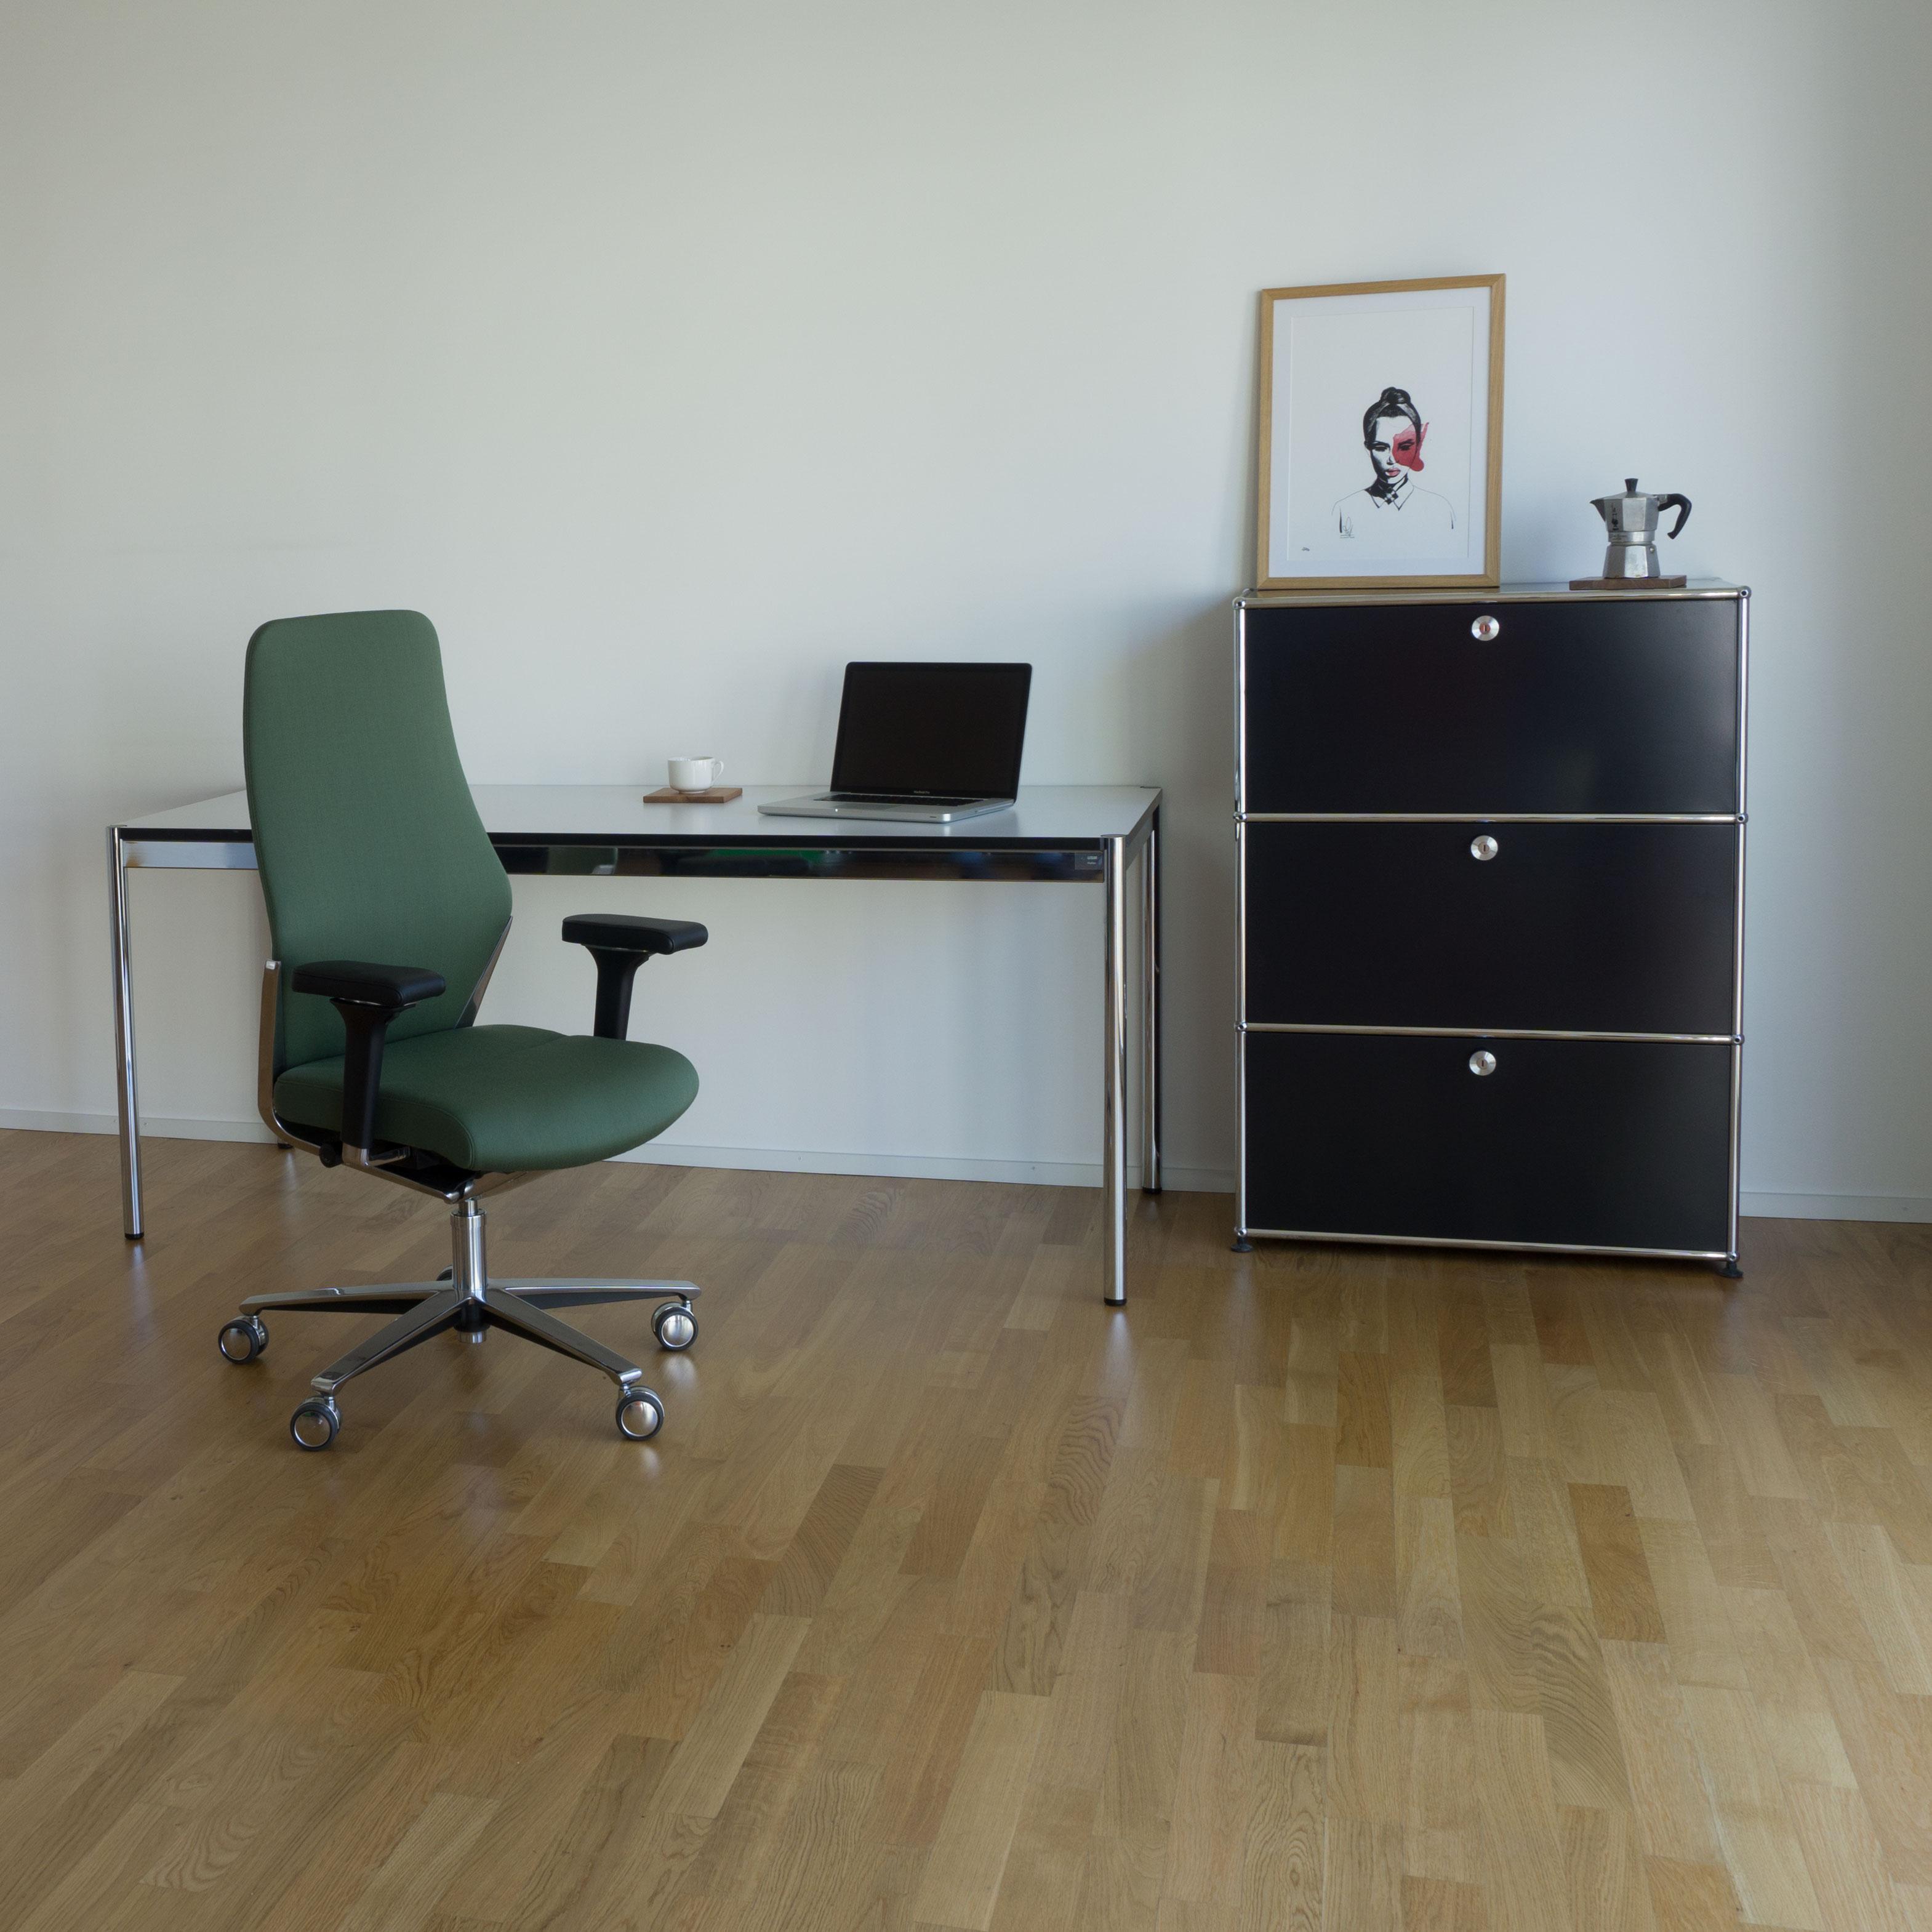 usm haller 1 5 x flashfox. Black Bedroom Furniture Sets. Home Design Ideas